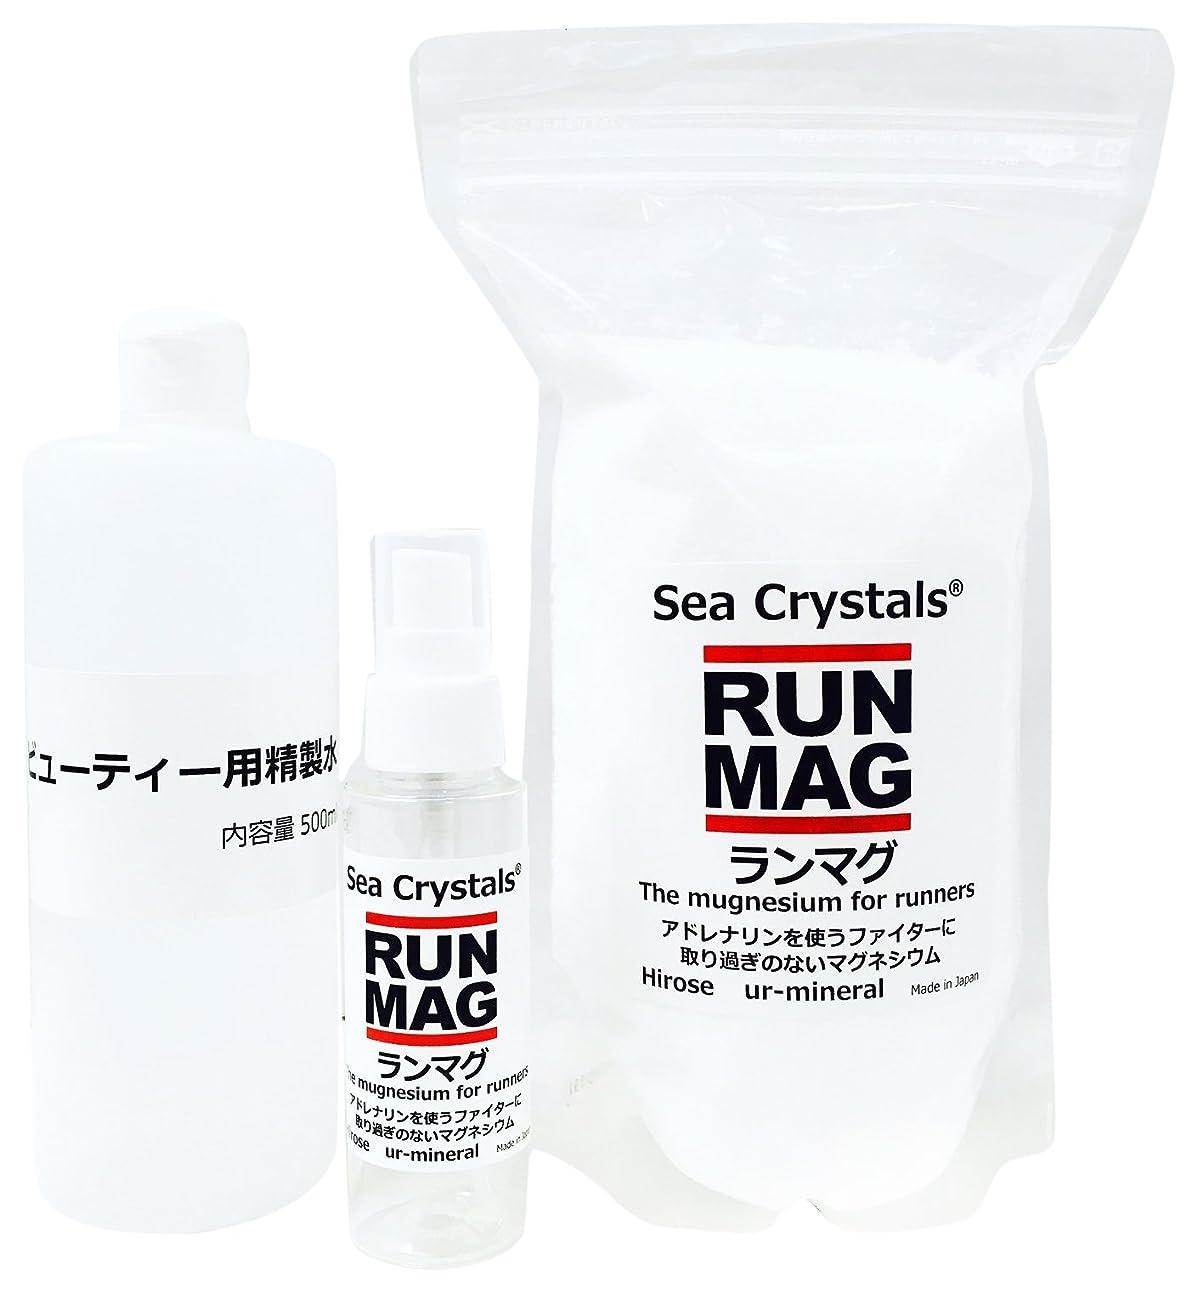 ランマグ?マグネシウムオイル 500g 化粧品登録 日本製 1日マグネシウム360mg使用? 精製水付き